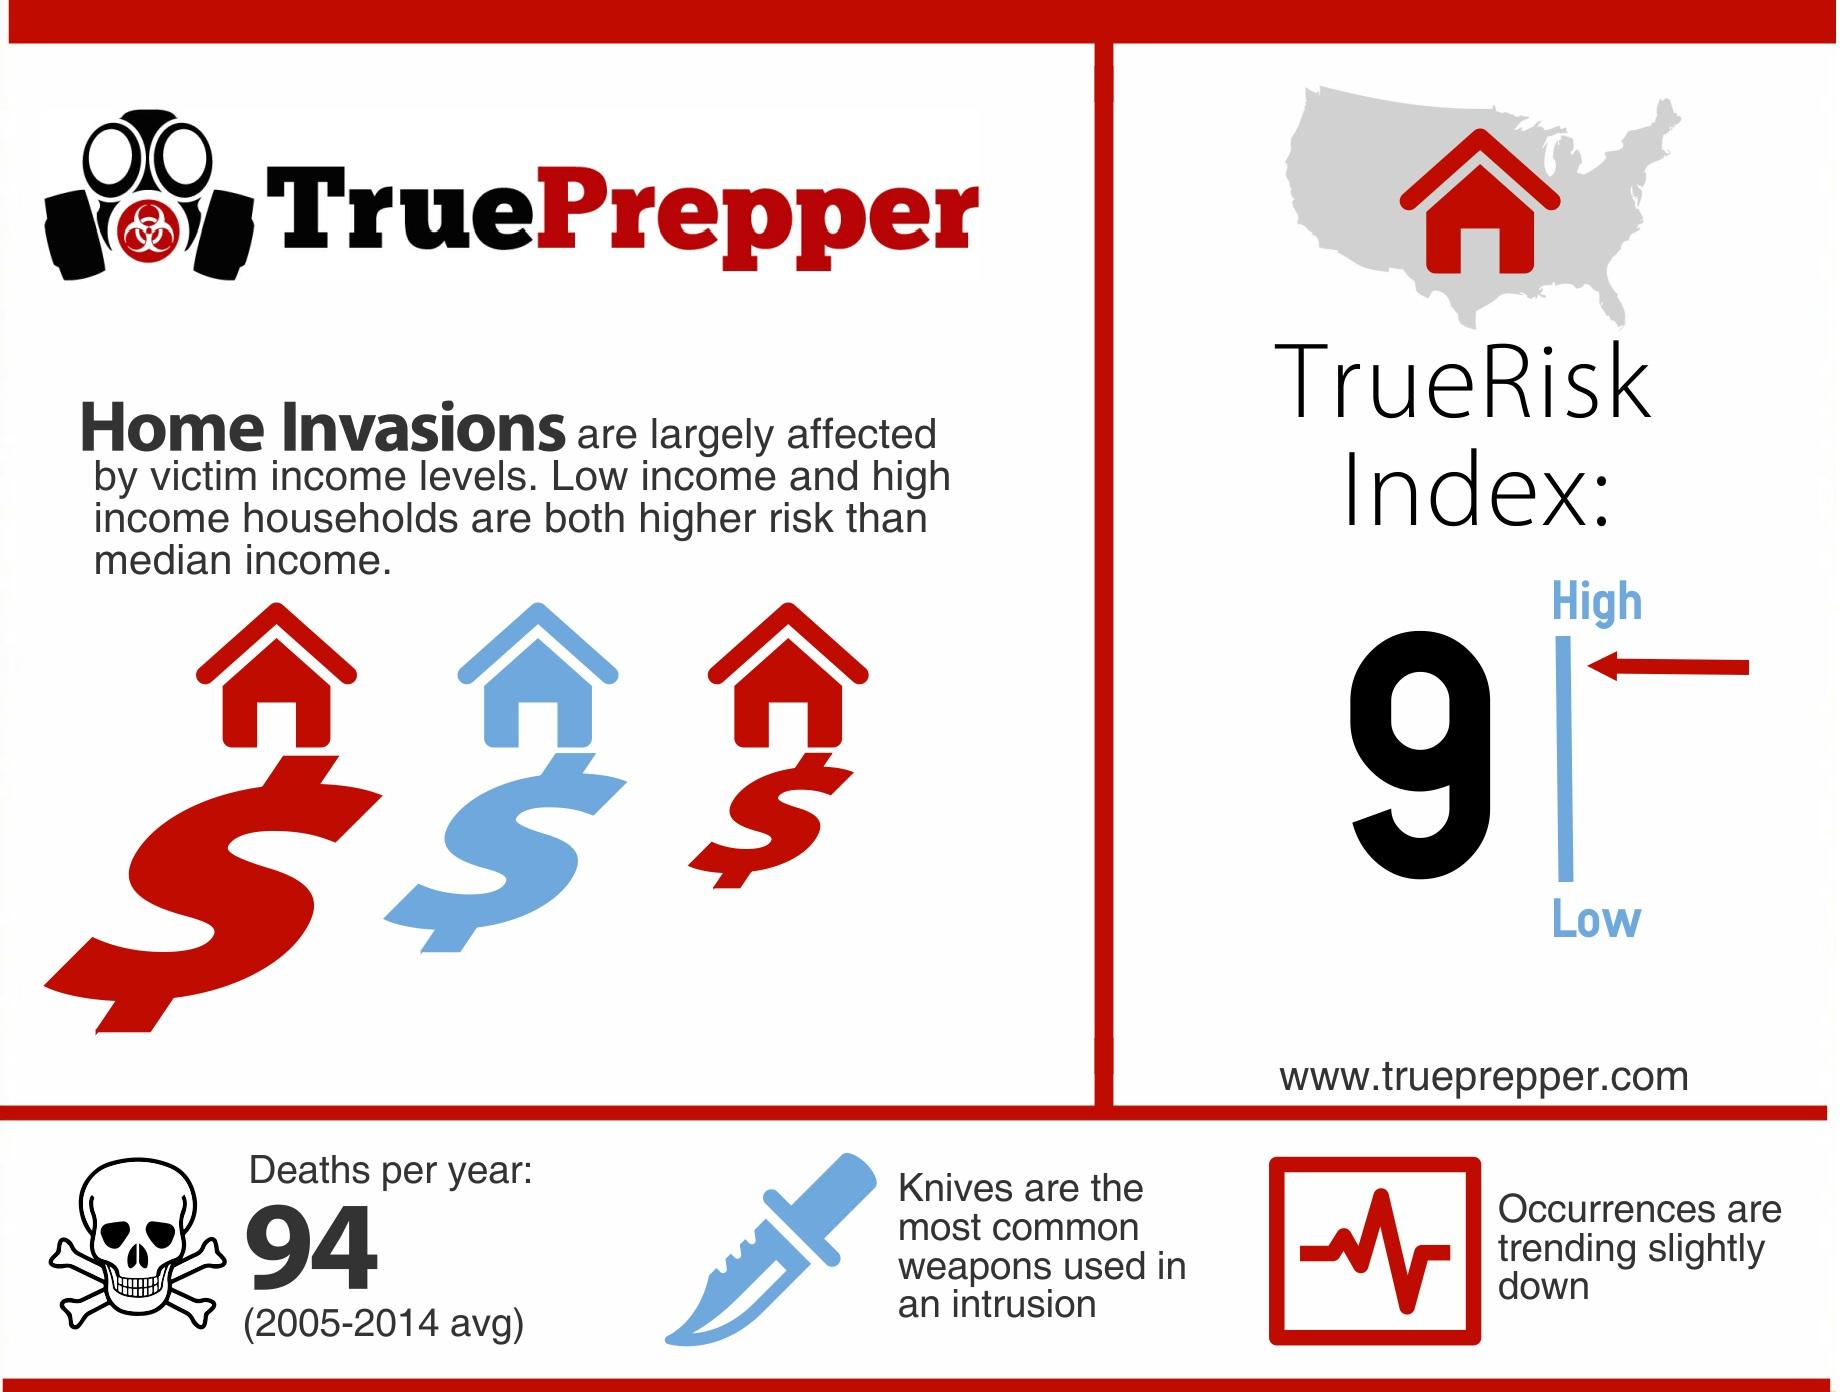 TrueRisk Home Invasions